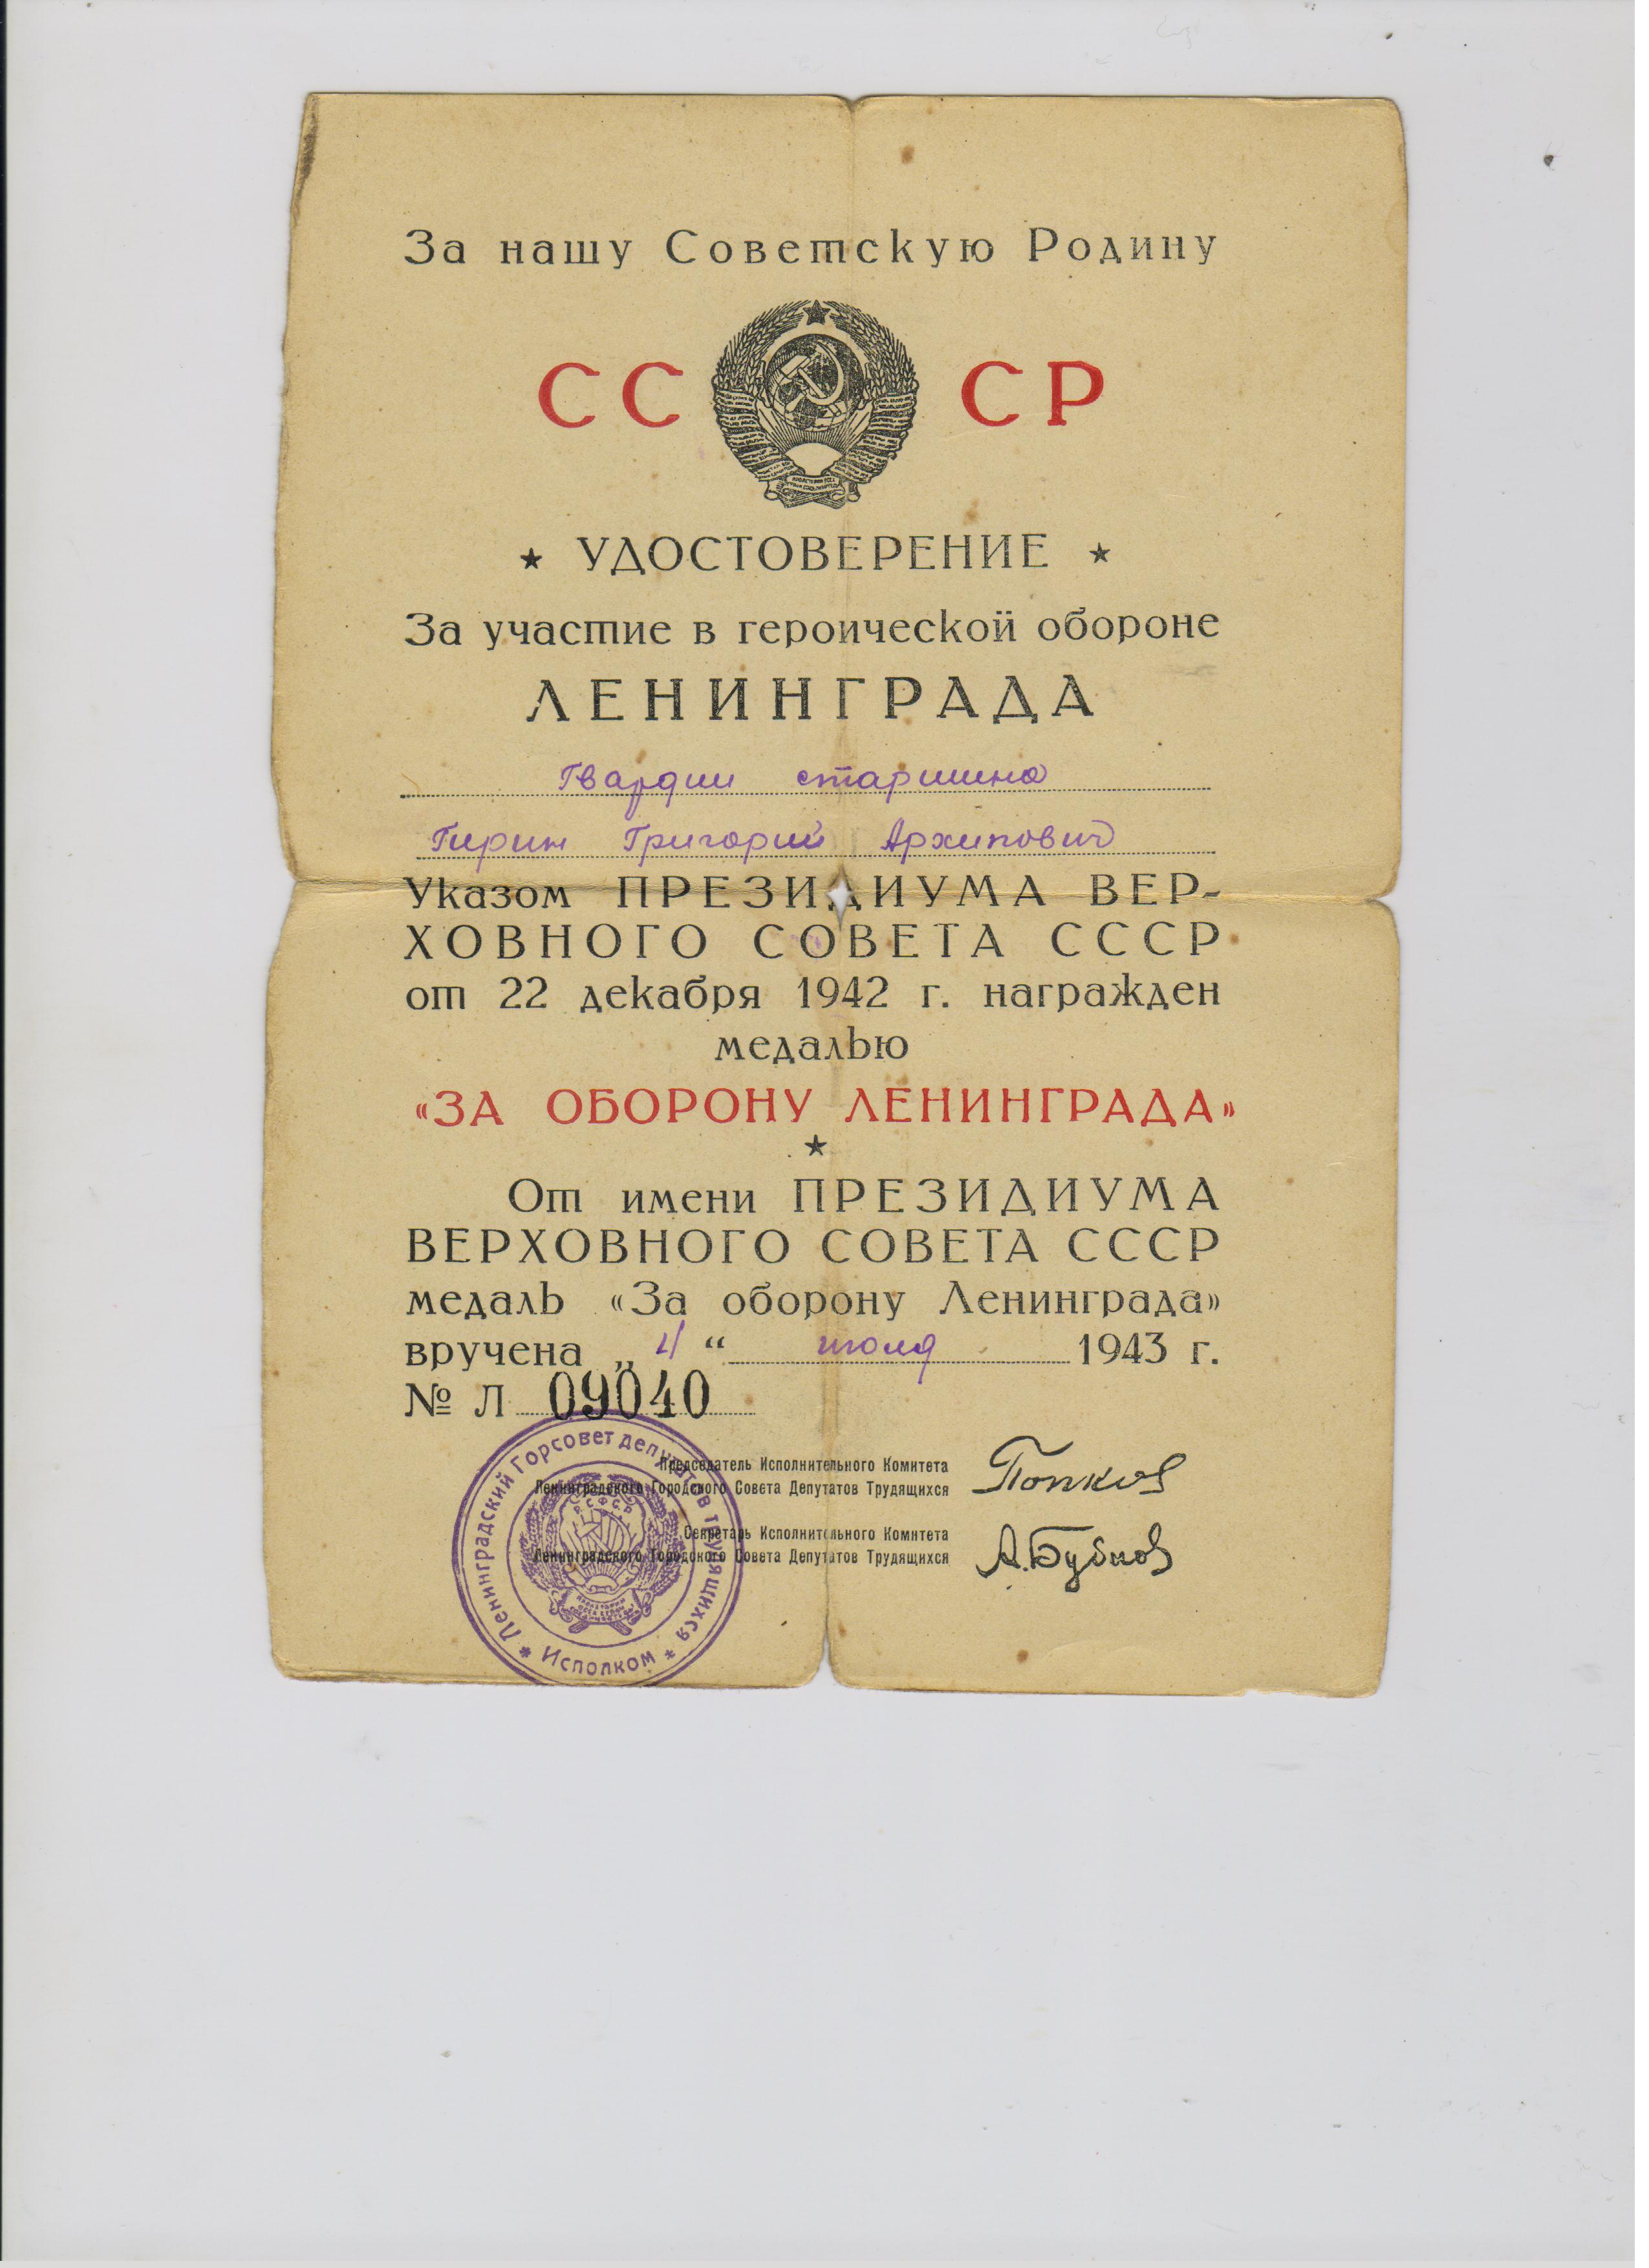 Удостоверение Гирина Г.А. Документ предоставлен Горюновой Е.